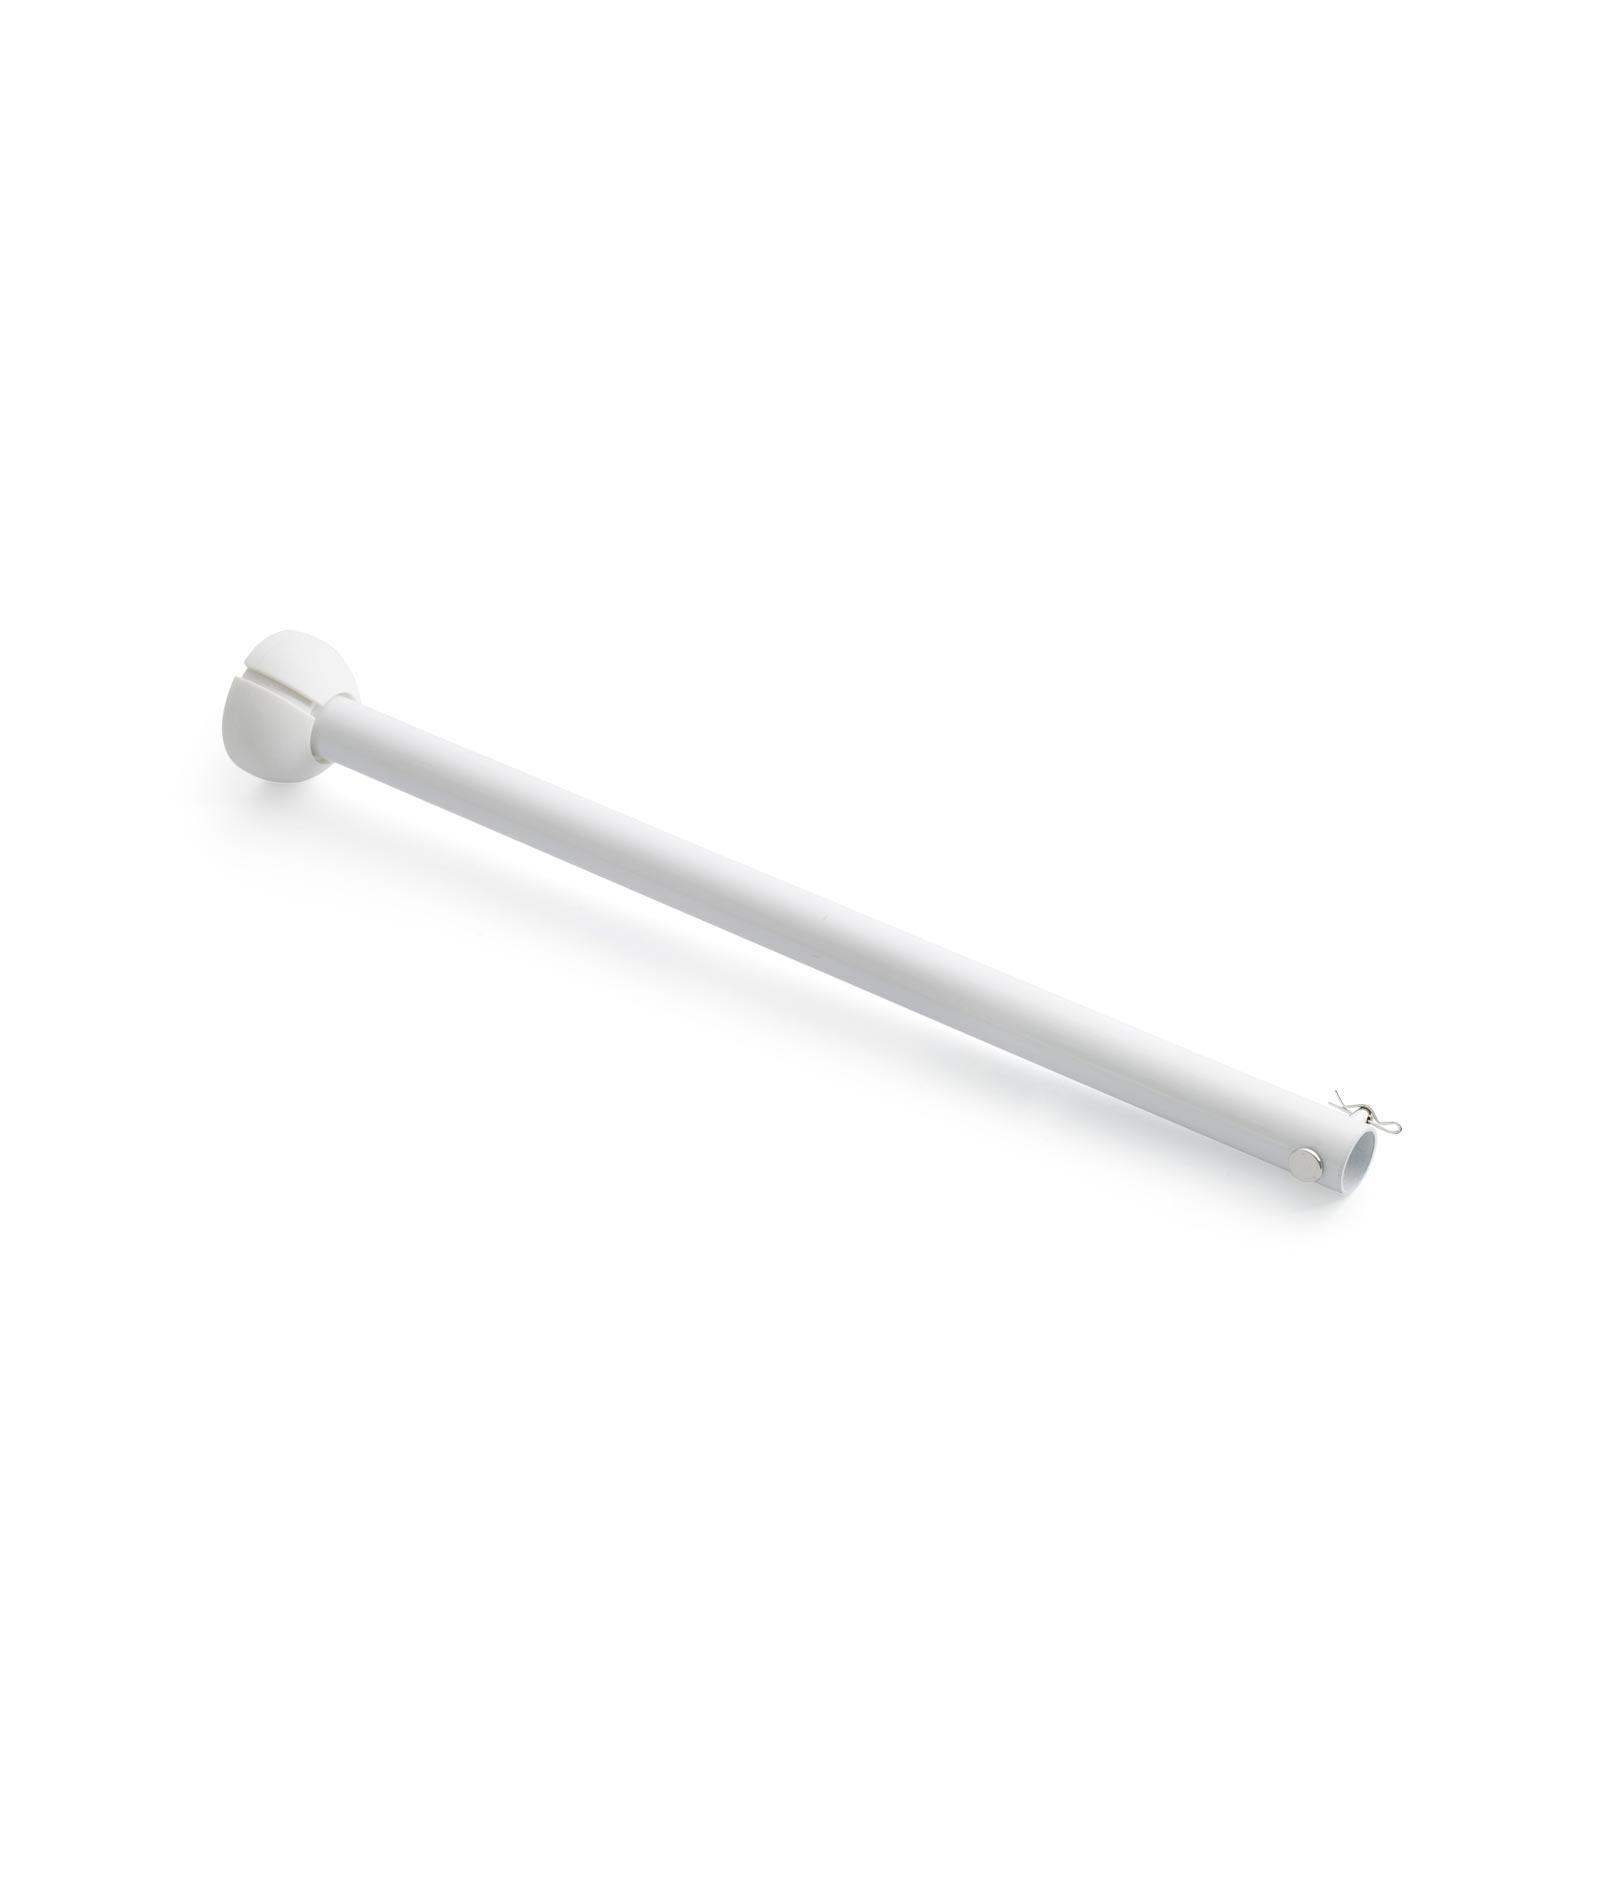 Barra accesorio 50 cm blanca